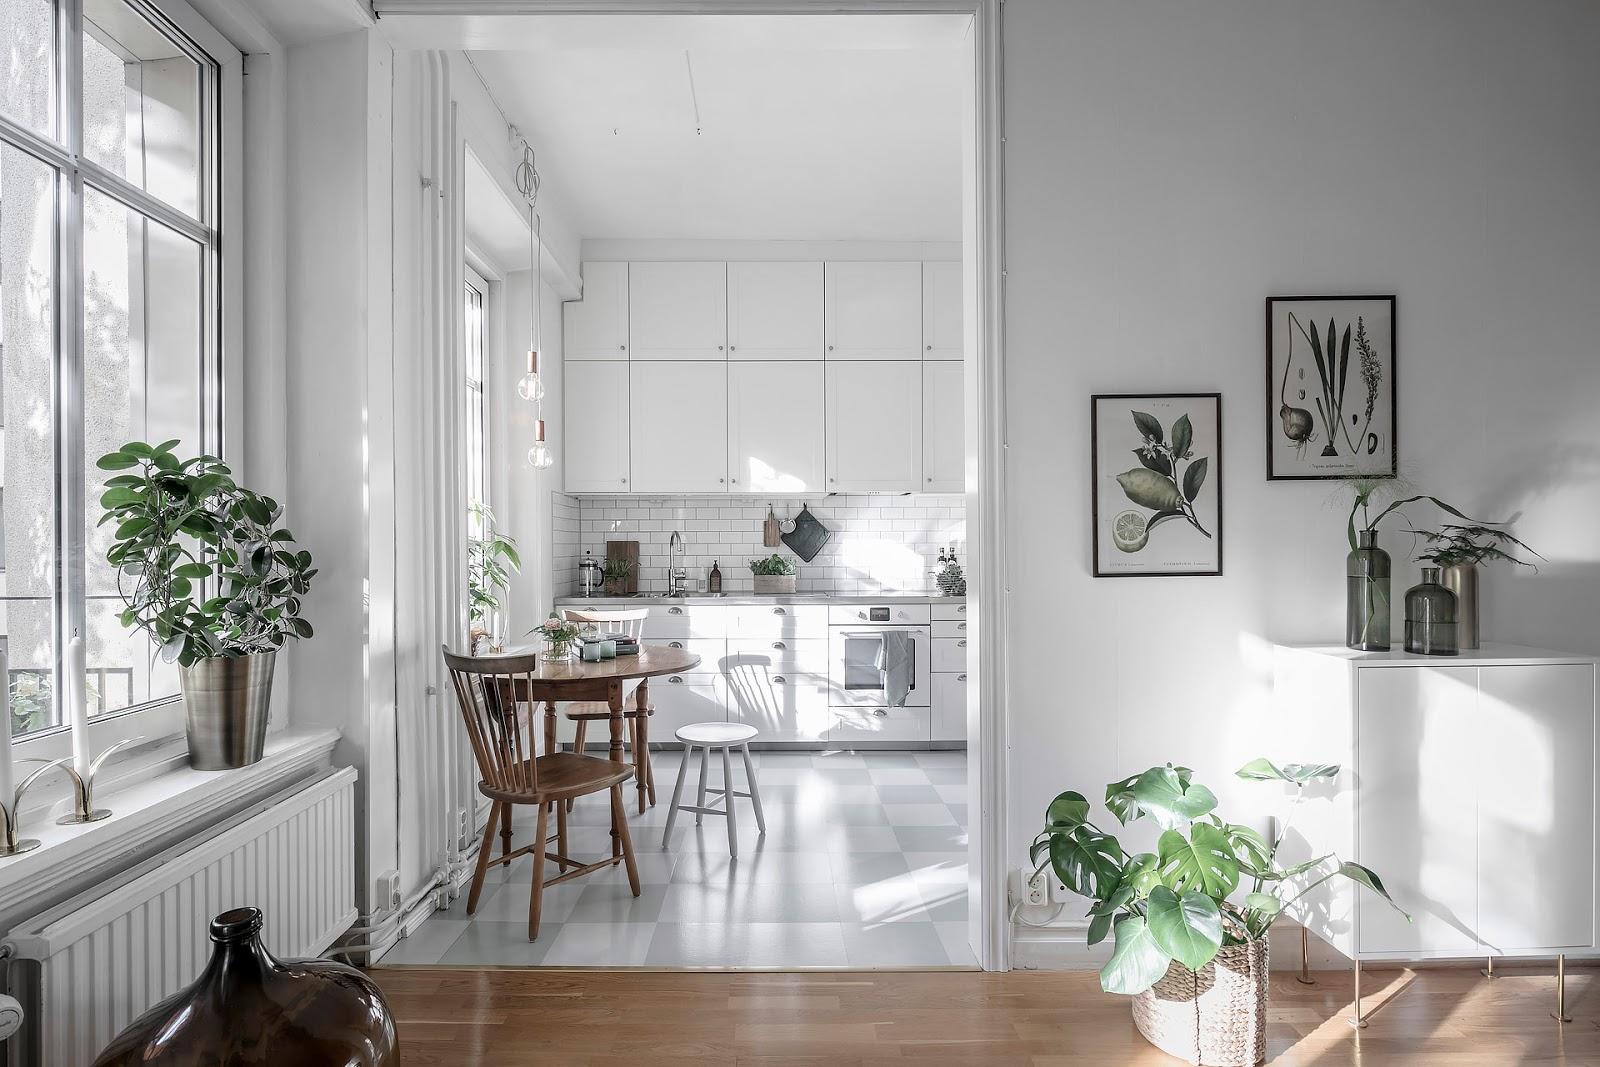 Apartament de 56 m² amenajat în stil scandinav cu accente retro